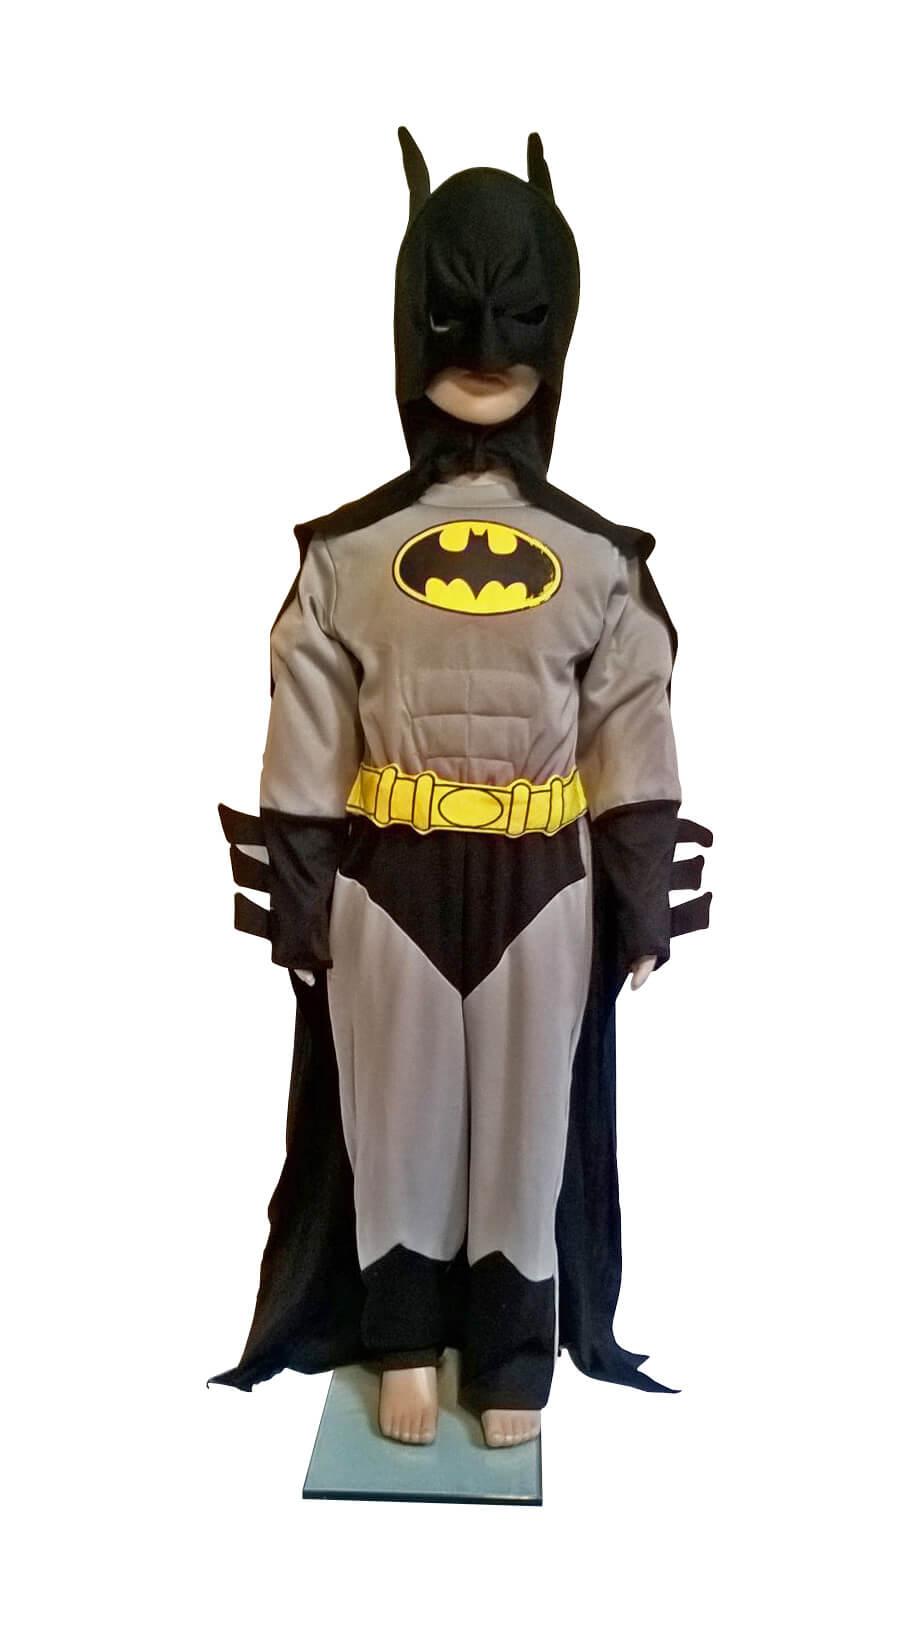 Betmenas. Костюм бэтмена. Betmano kostiumas. прокат карнавальных костюмов. Įvairių pasakų ir filmų personažų karnavaliniai drabužiai. Karnavaliniu kostiumu nuoma vaikams Vilniuje - pasakunamai.lt